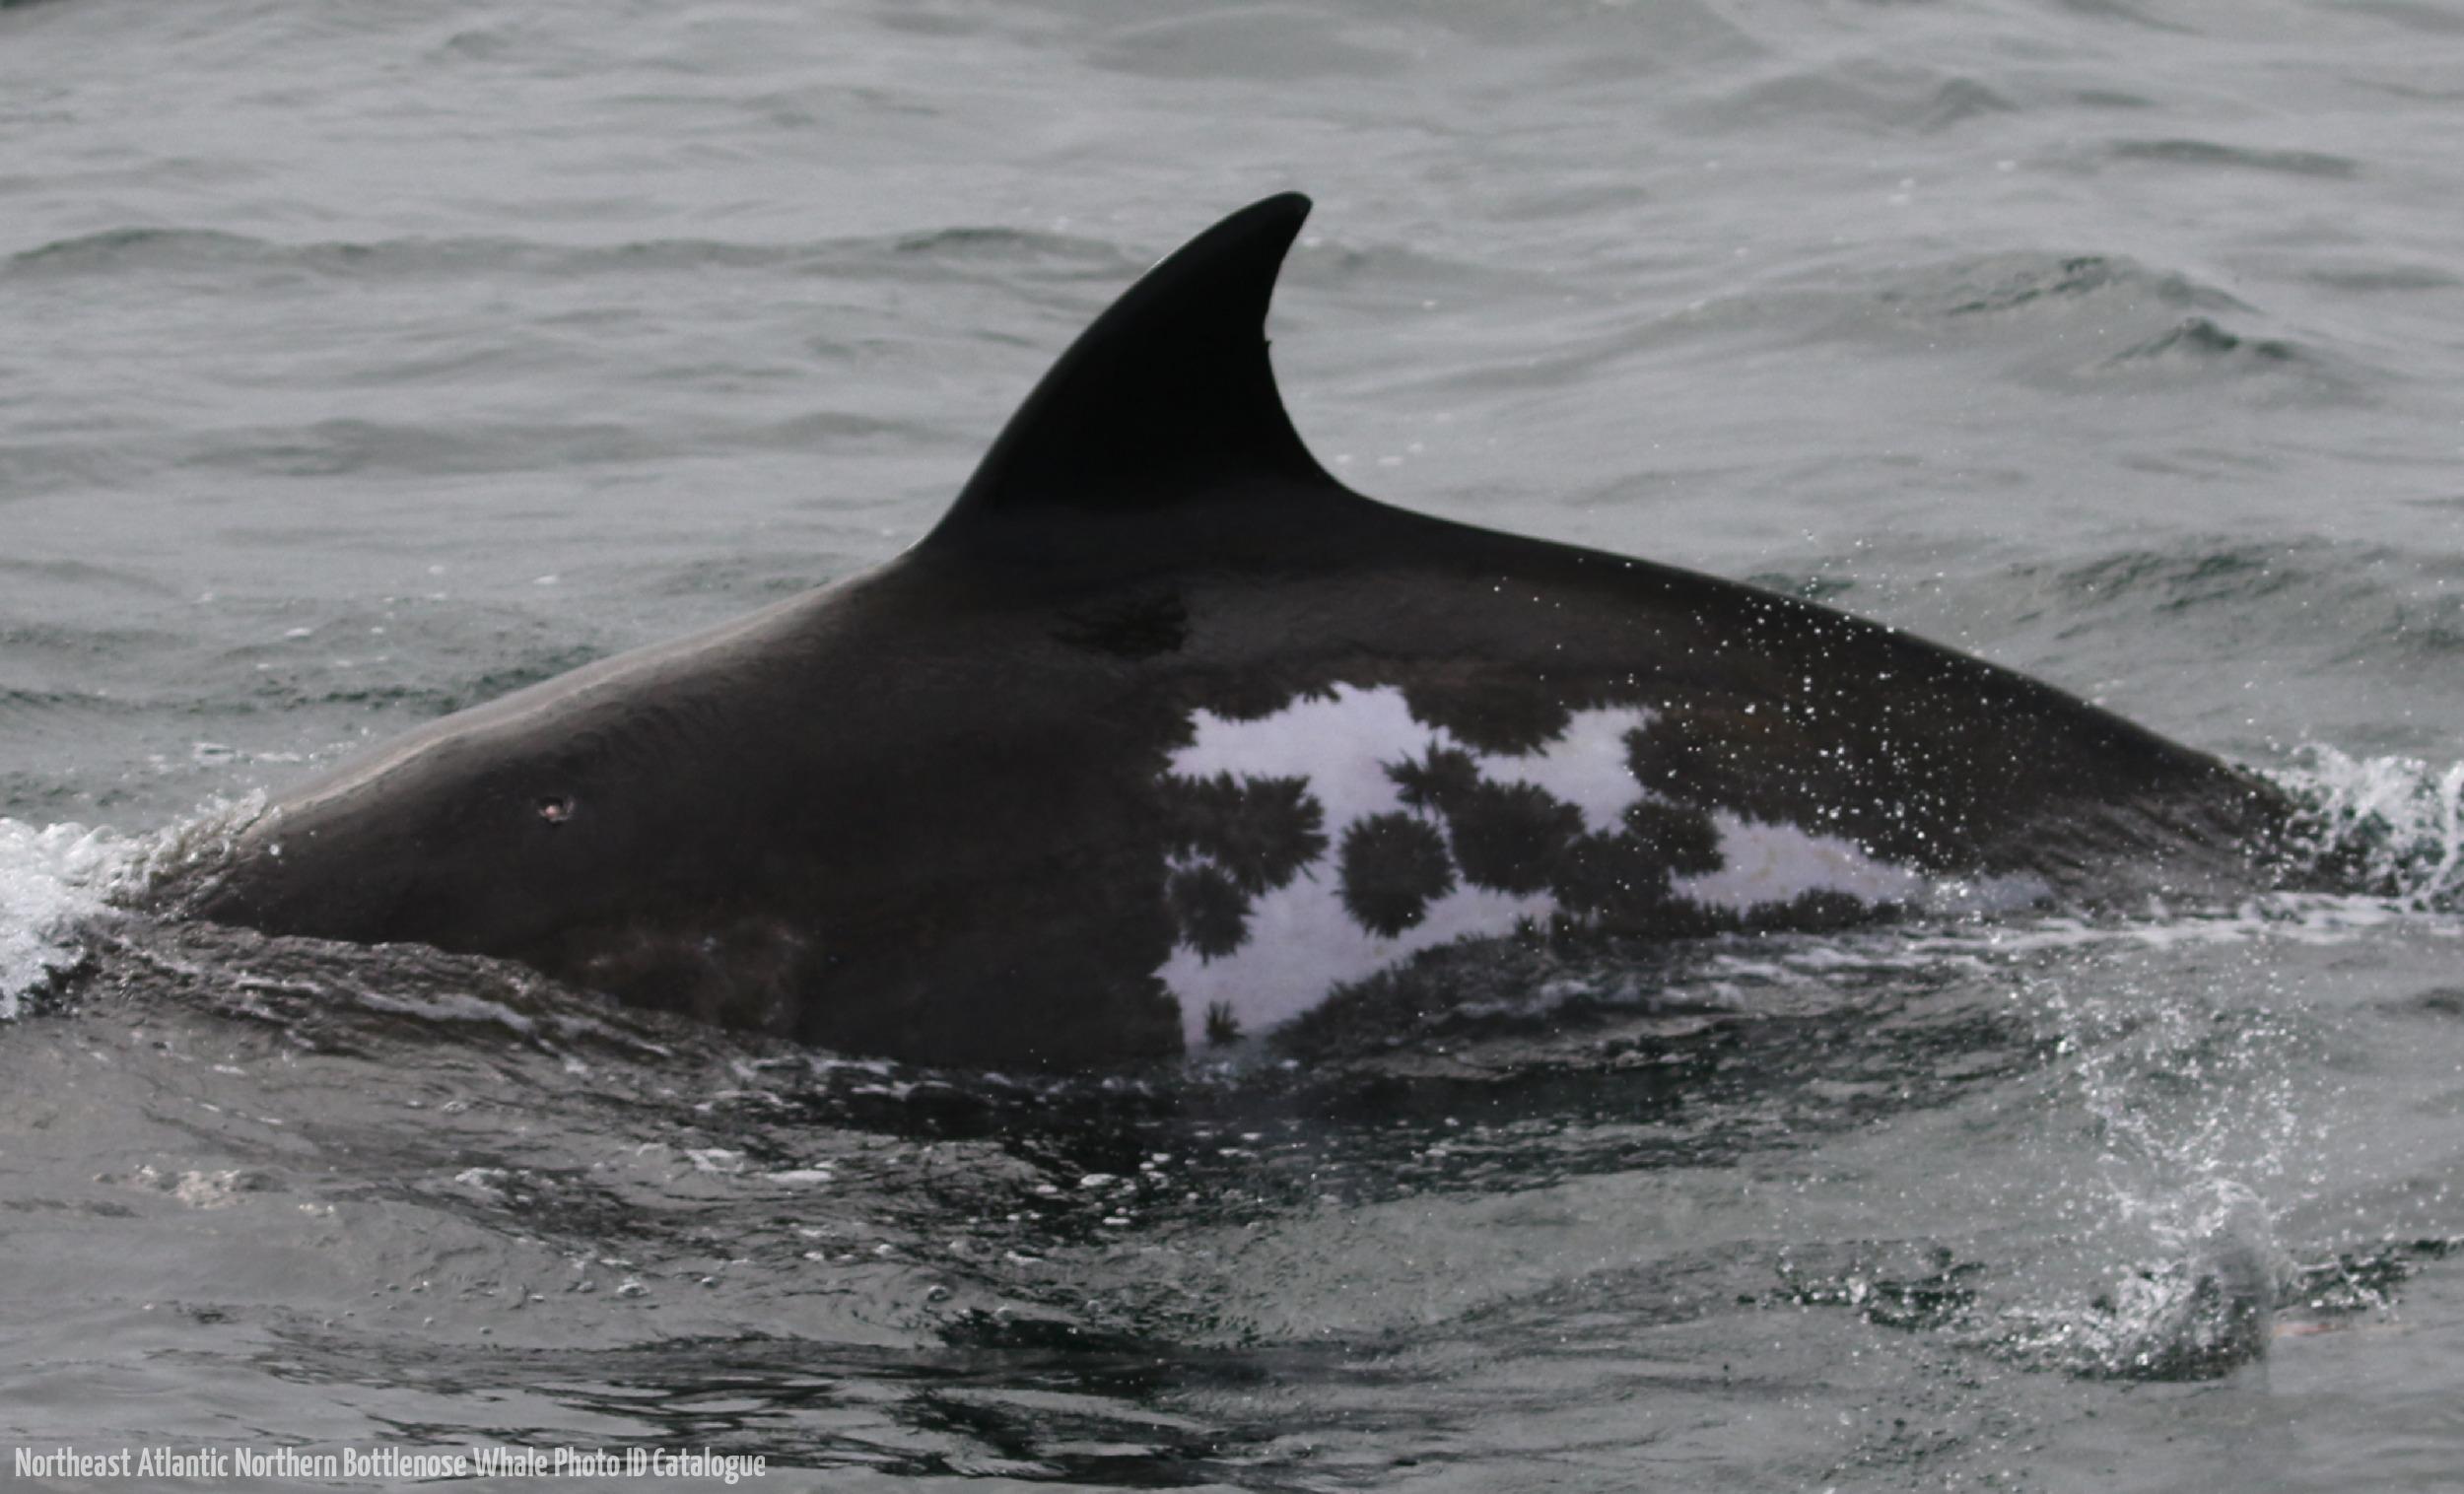 Whale ID: 0133,  Date: 06-06-2016,  Photographer: Eilidh Siegal